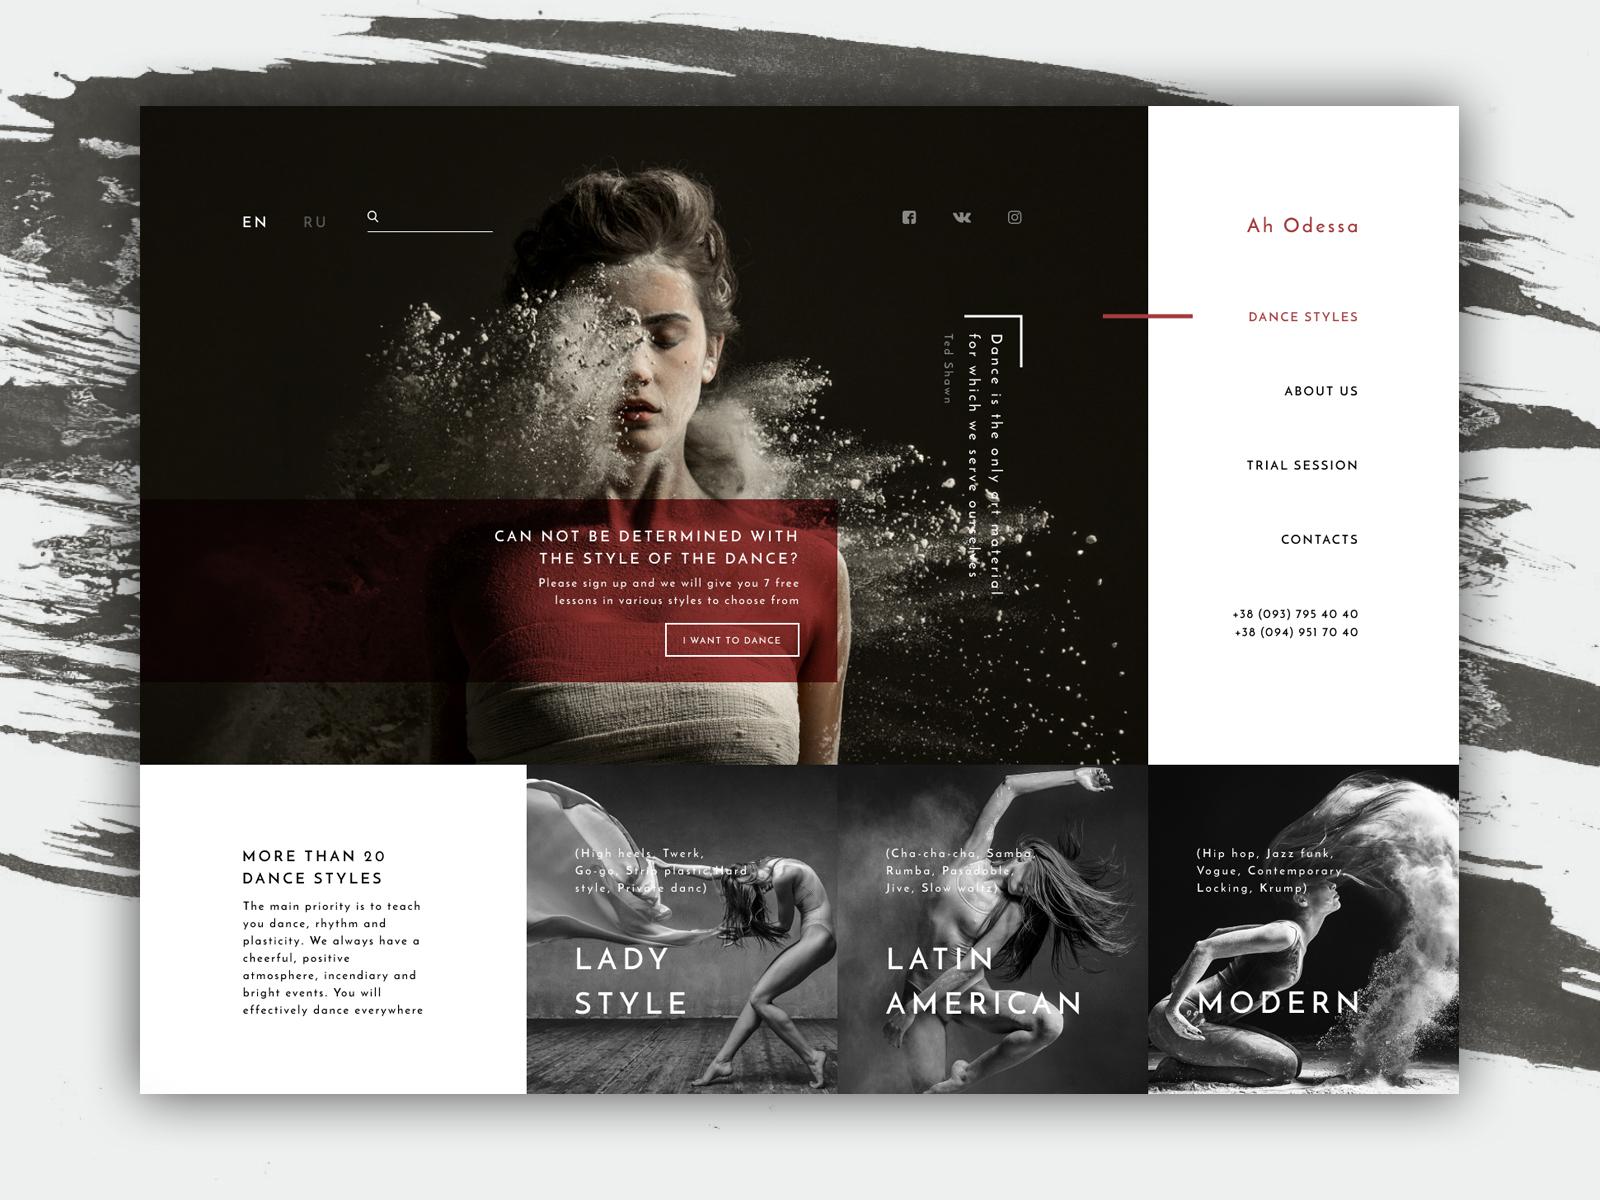 Dance Studio Website Design Example #2